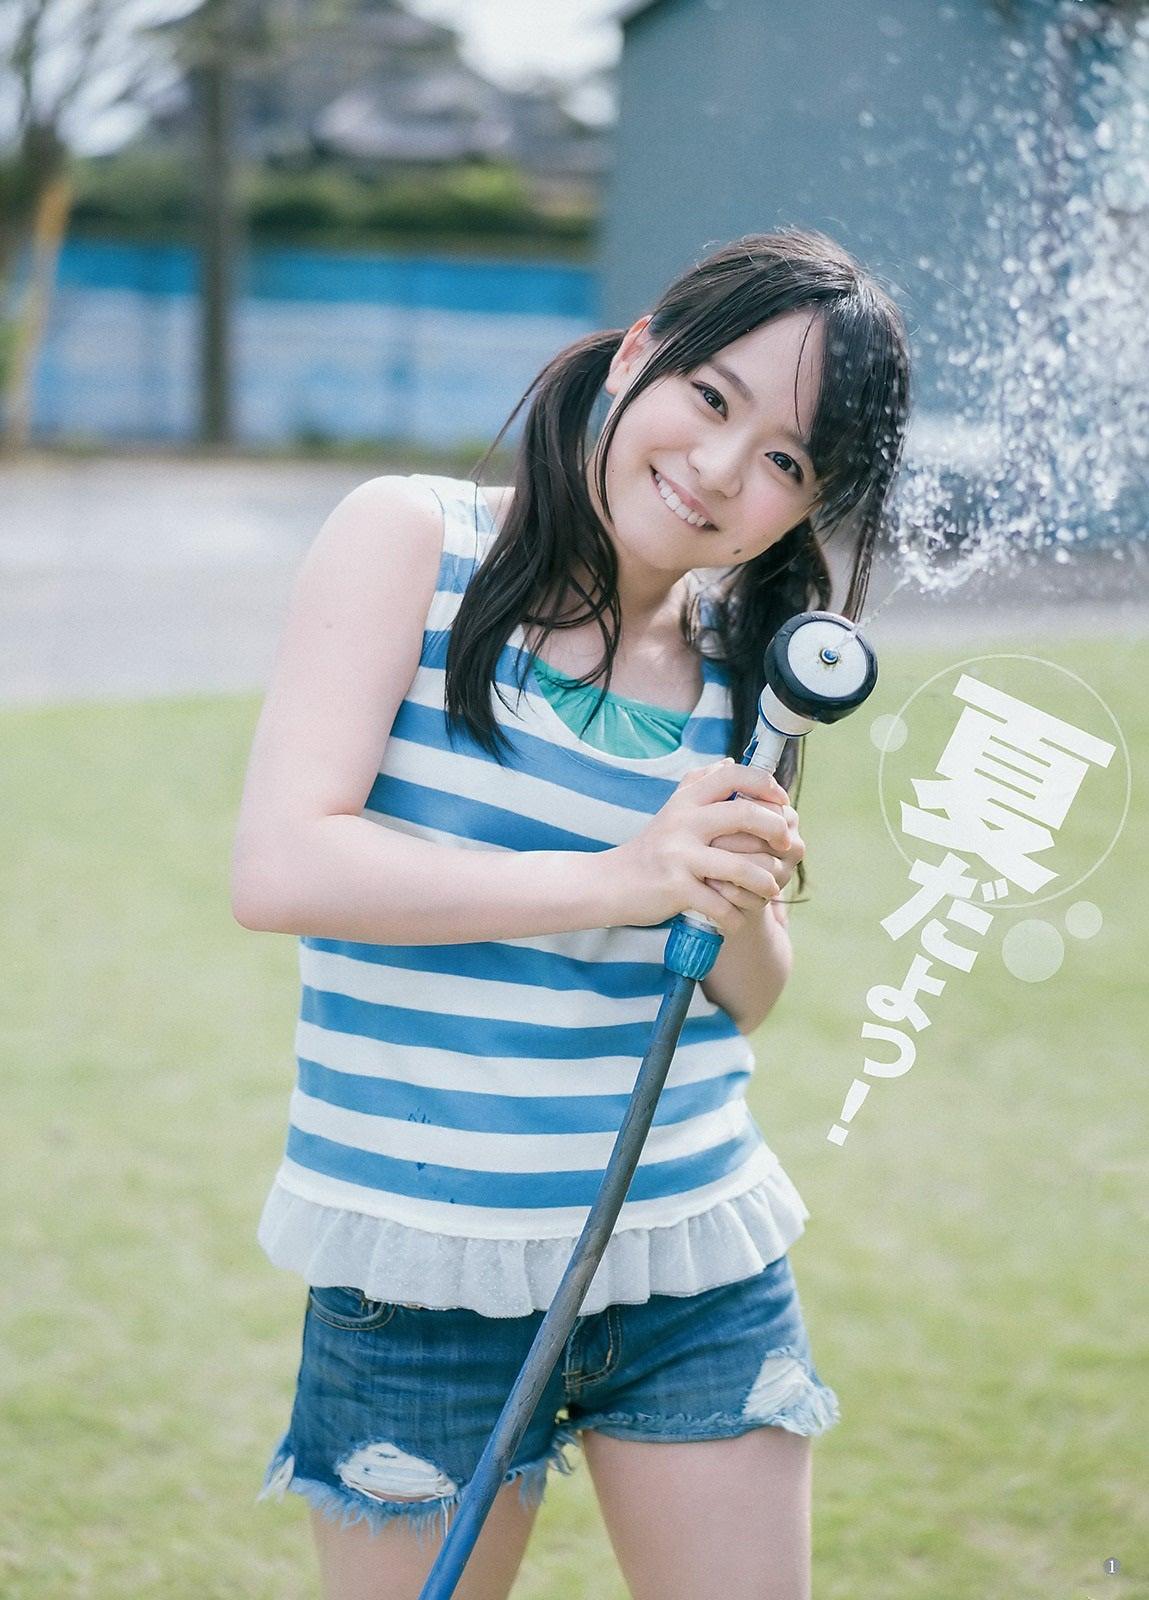 倉野尾成美さんのポートレート